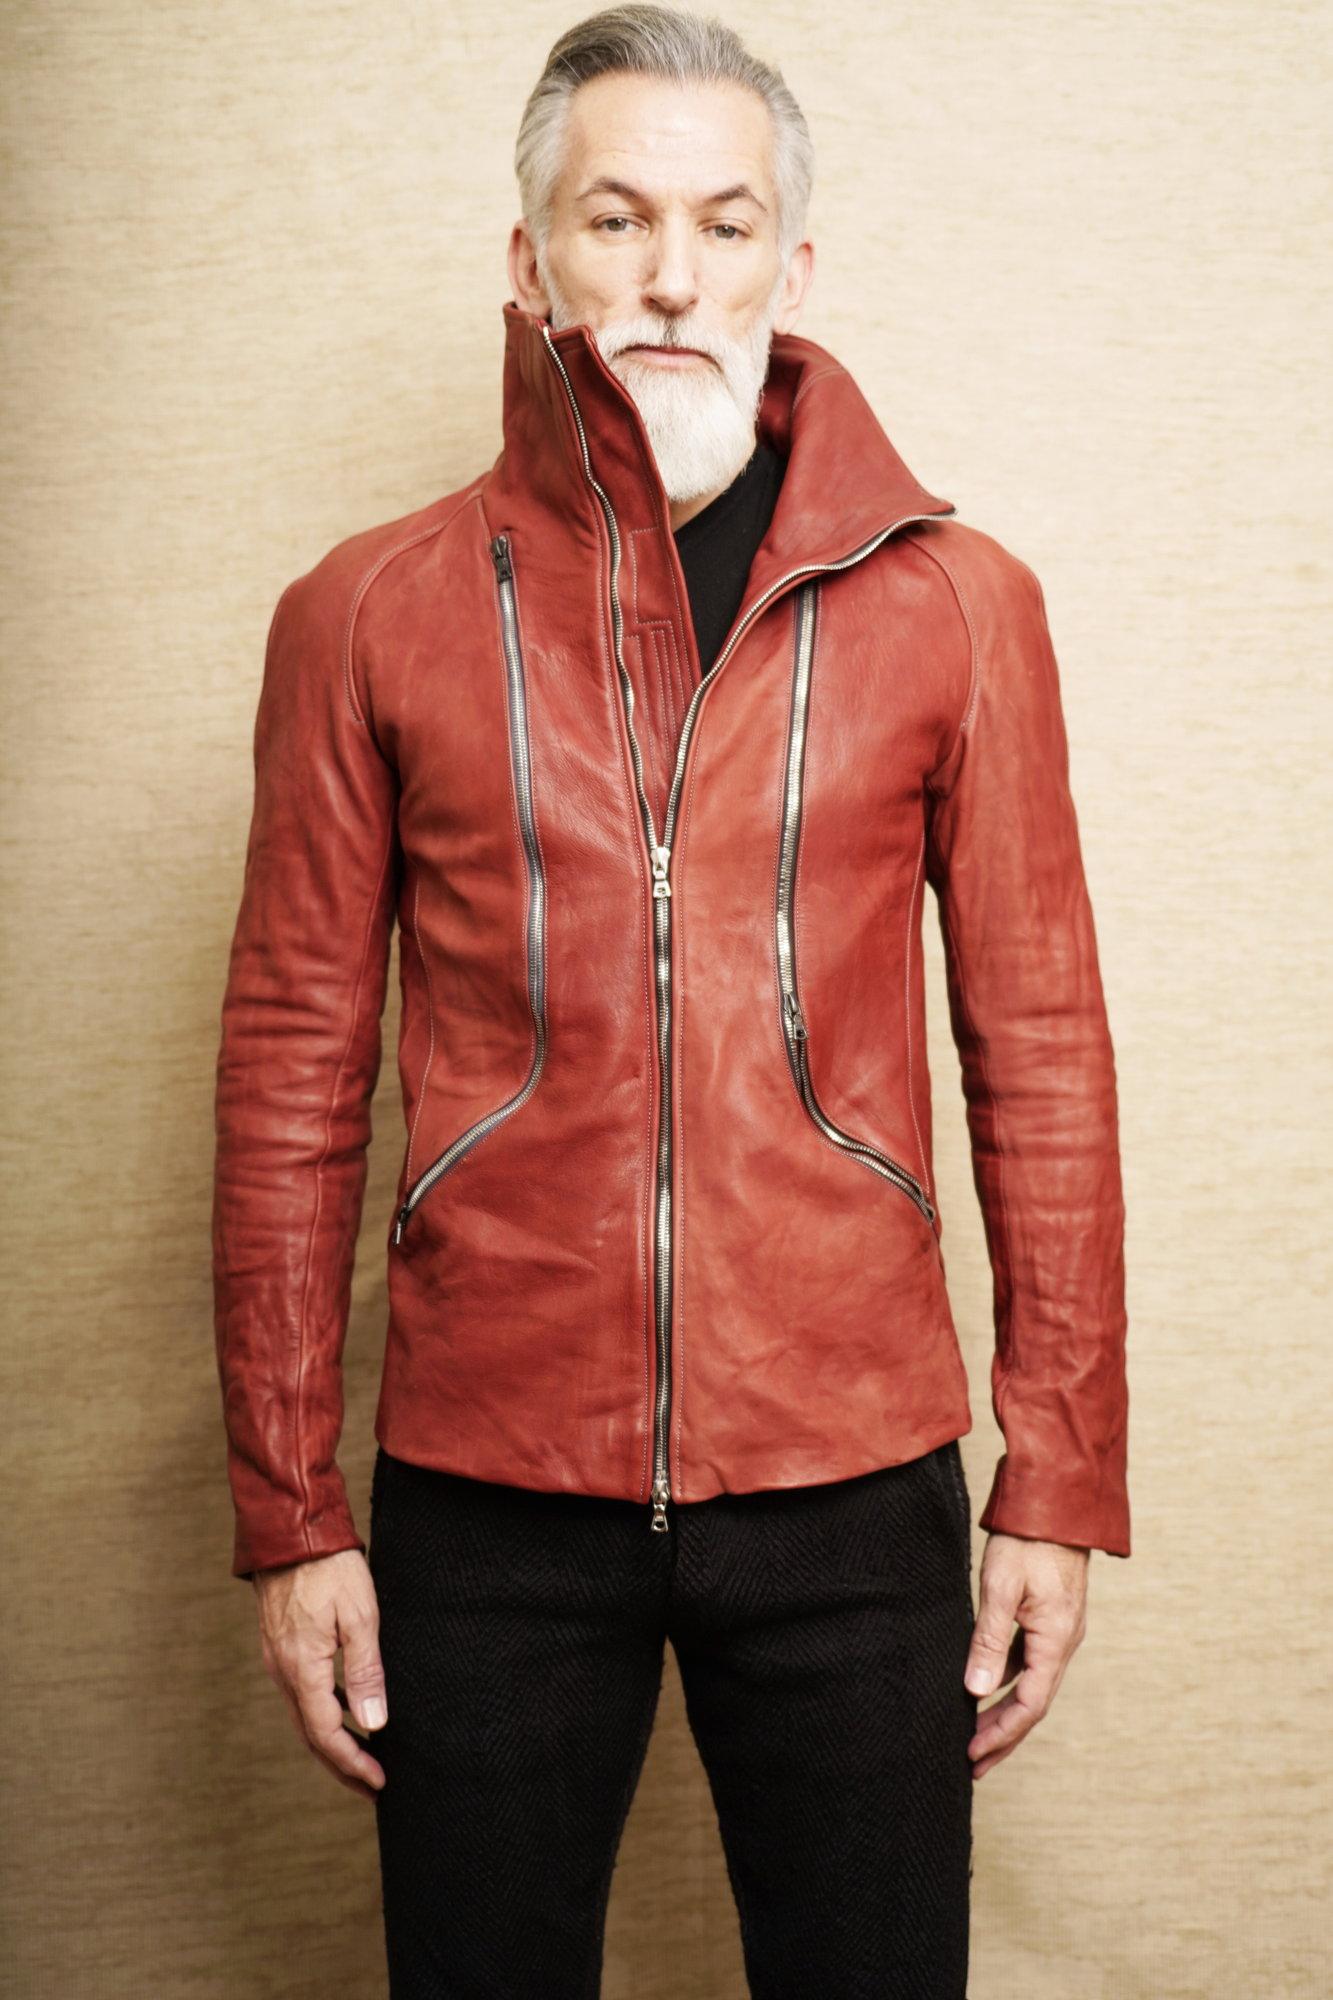 Tri Zip Leather Jacket_6.JPG